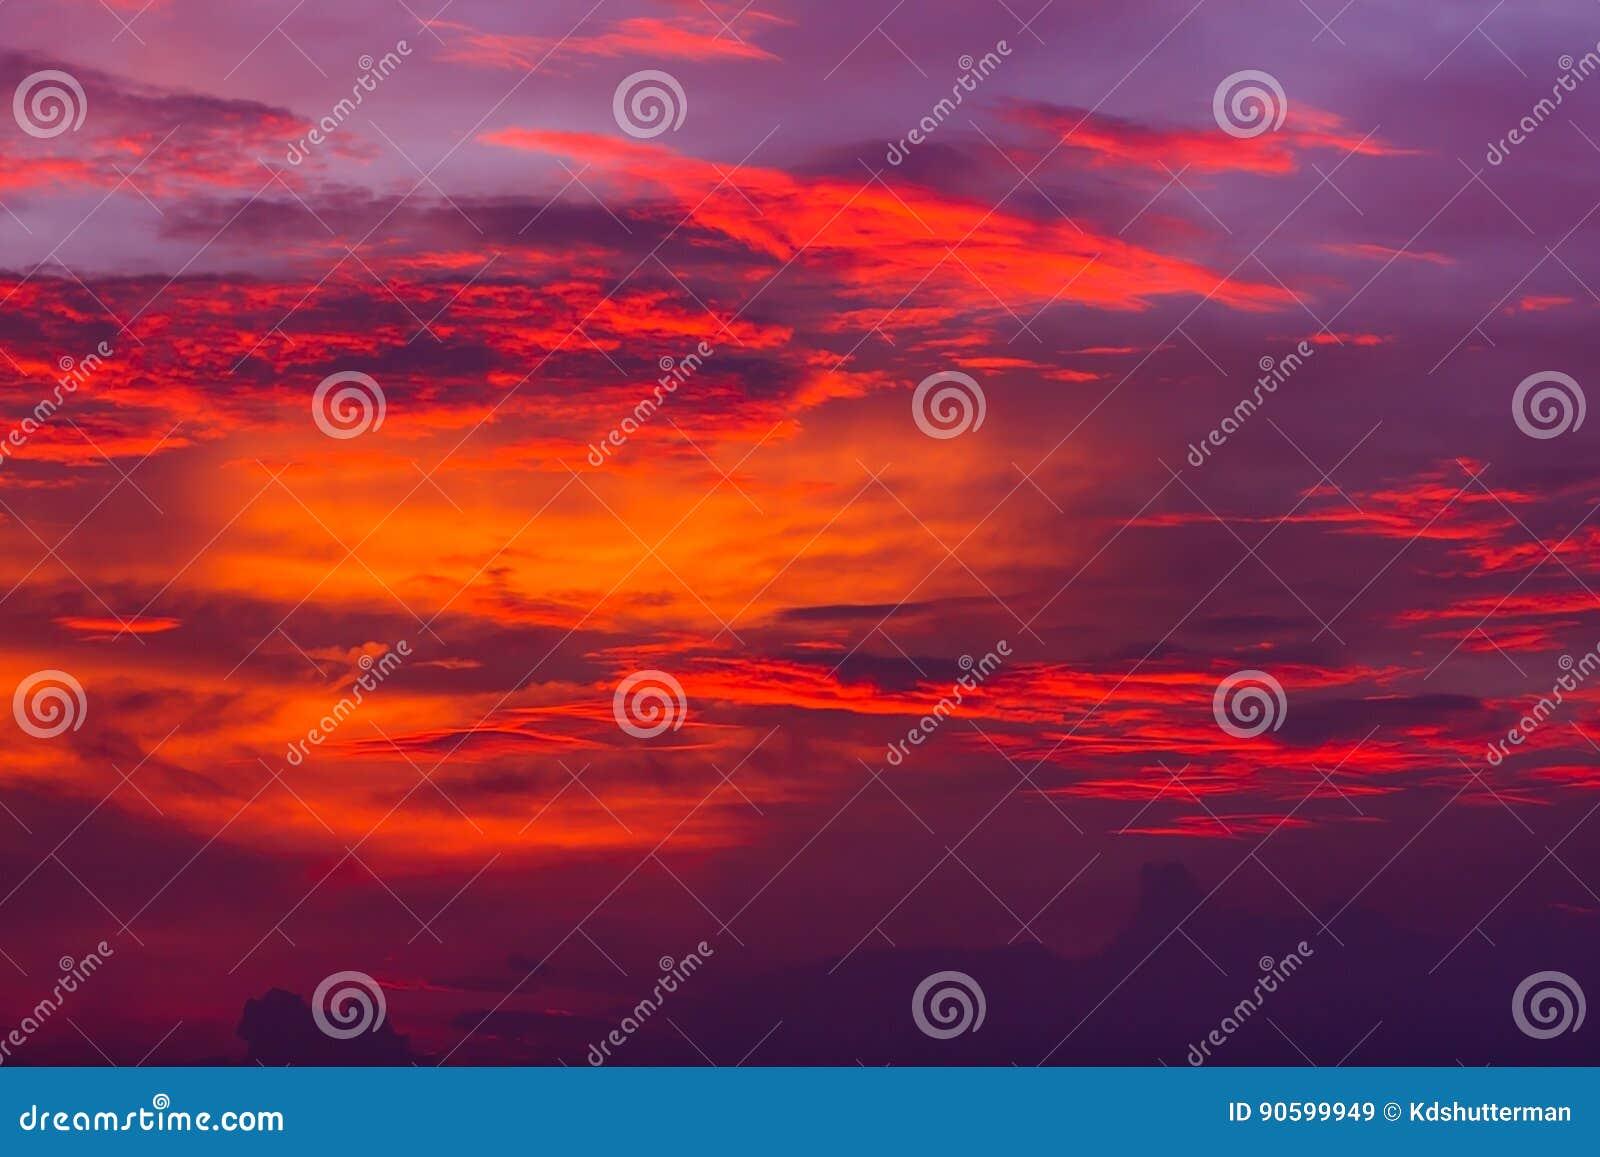 Cielo Rosso Di Notte.Priorita Bassa Della Natura Cielo Rosso Alla Notte Ed Alle Nuvole